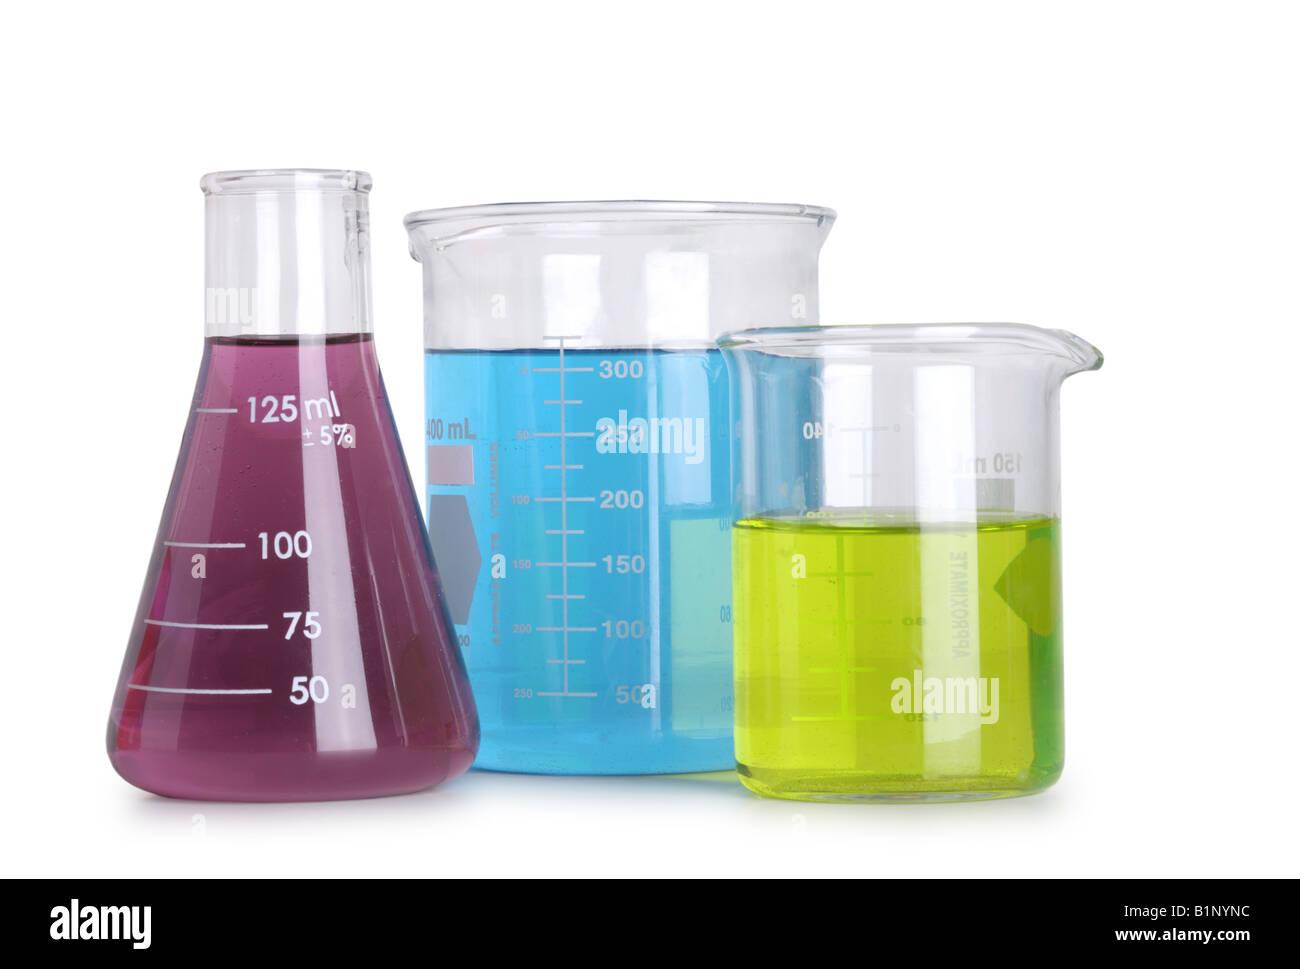 Grupo de ciencia matraces con líquidos de colores recortadas sobre fondo blanco. Imagen De Stock